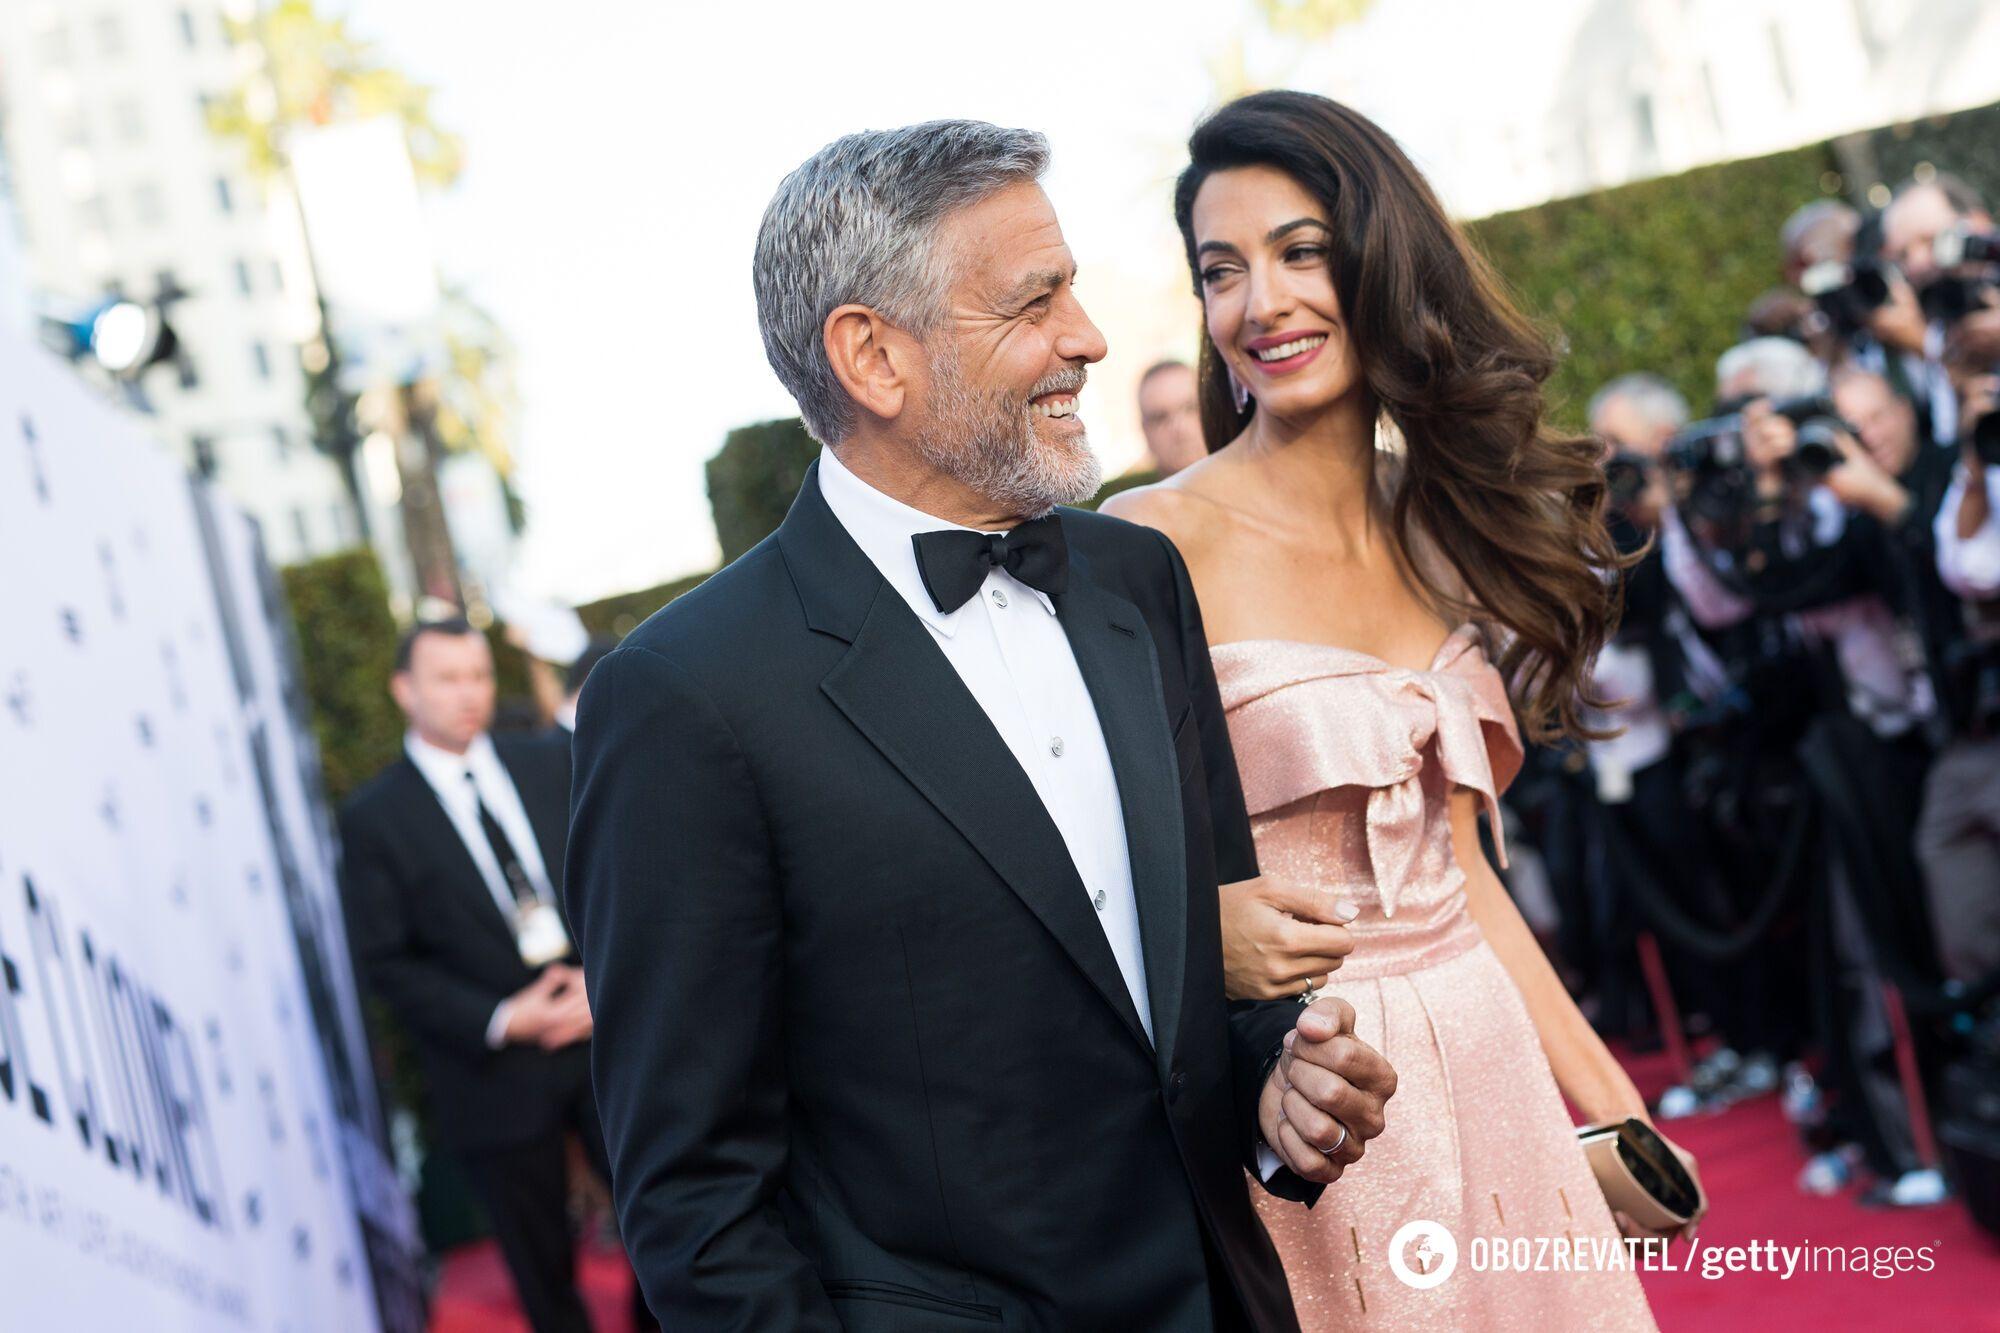 Джордж Клуни со своей возлюбленной Амаль